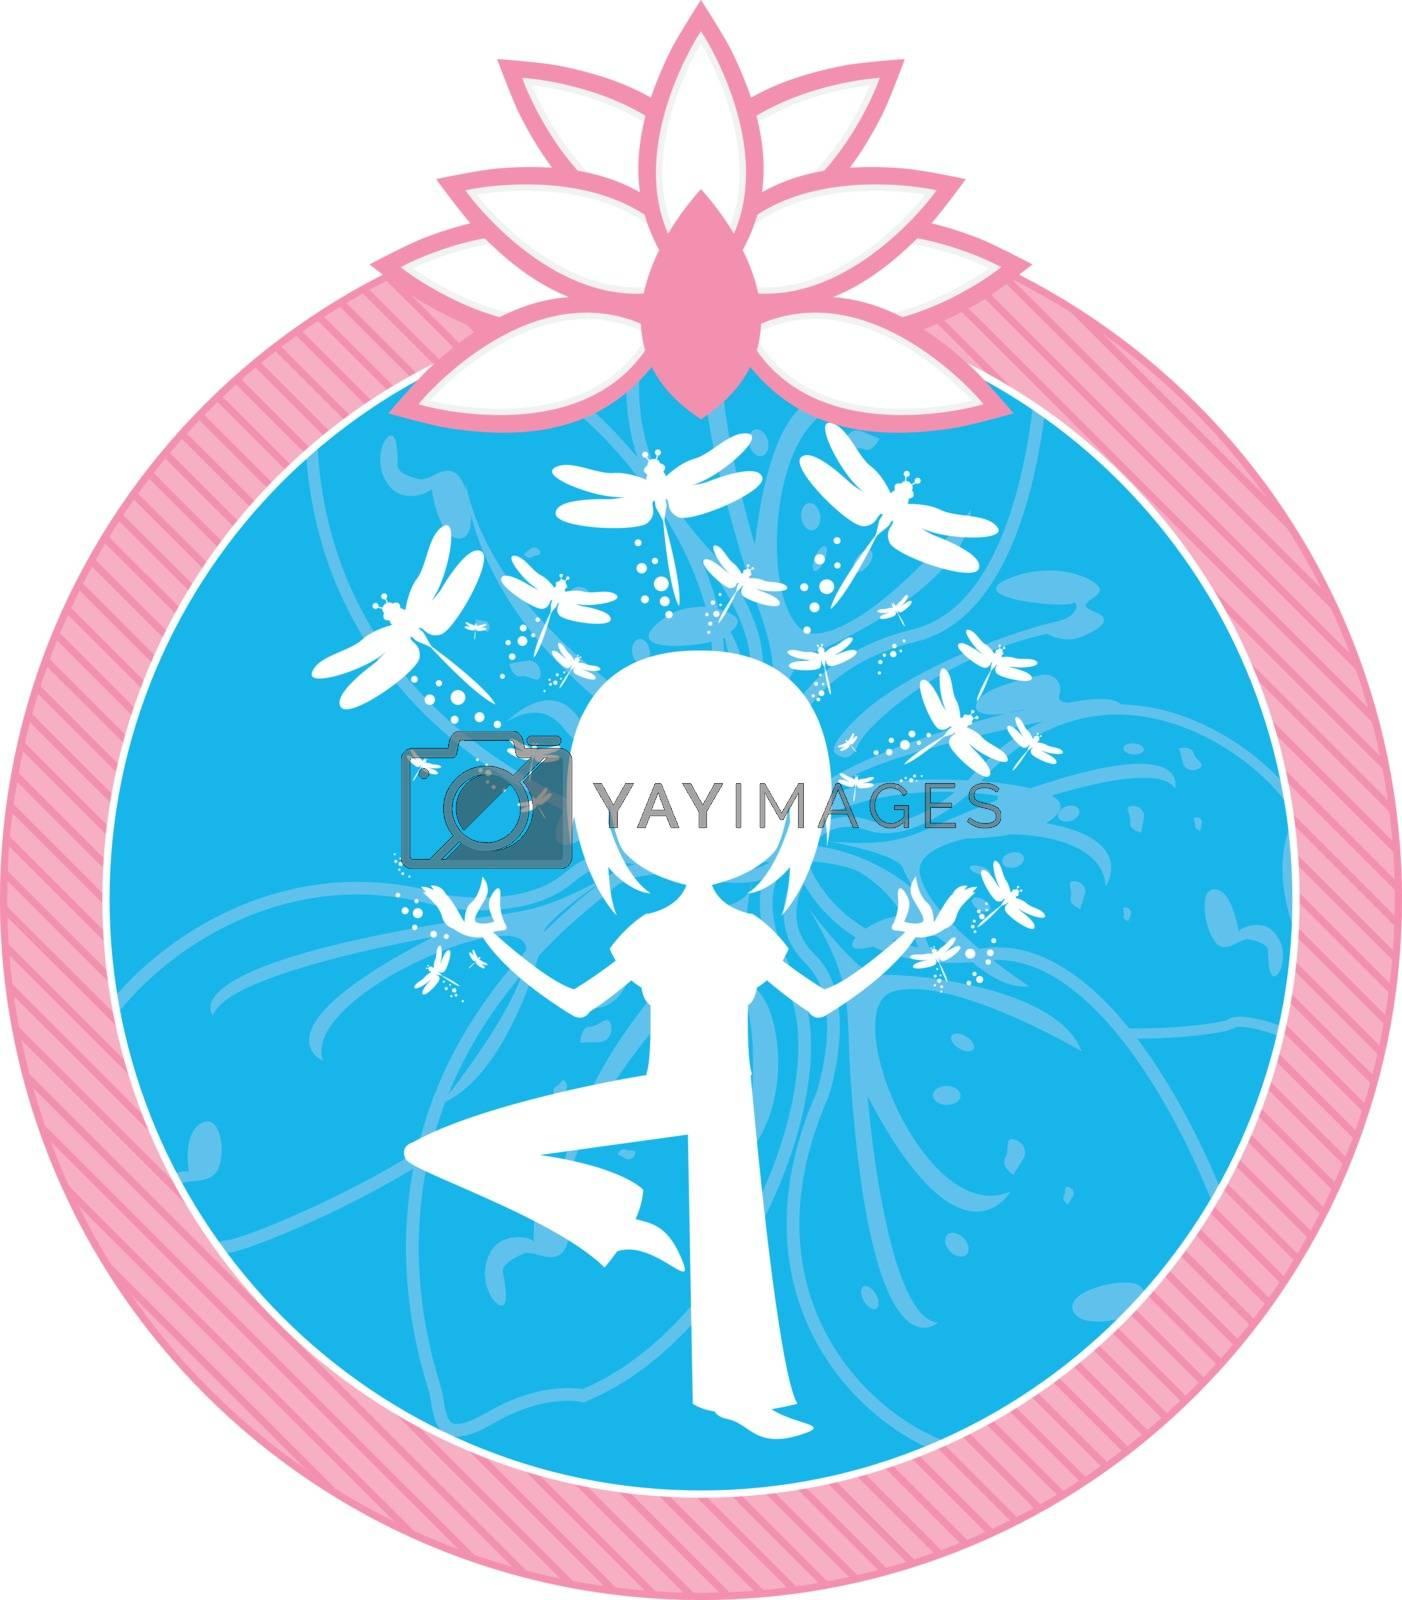 Cartoon Yoga Girl with Dragonflies by markmurphycreative